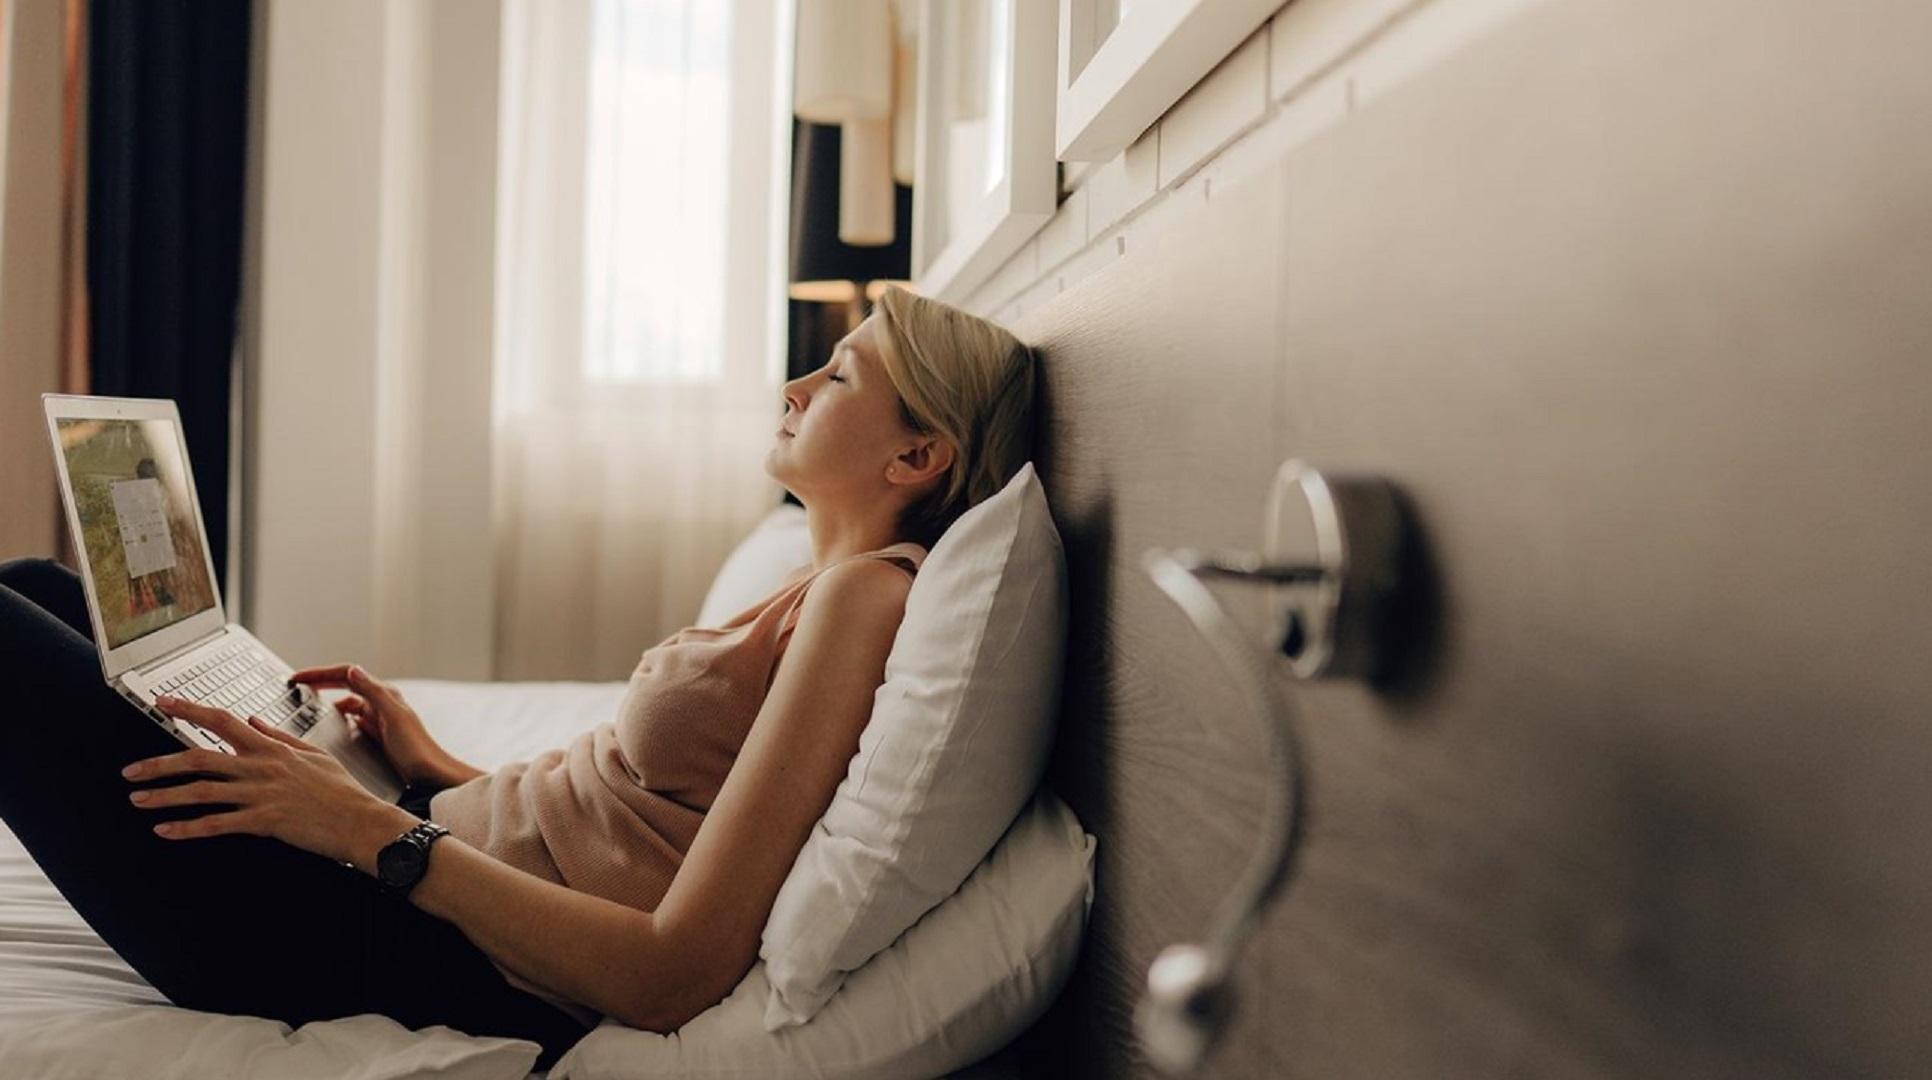 """""""호텔로 출근하세요, 뷔페도 배달합니다"""" 휴식 대신 일상 공략하는 호텔업계"""